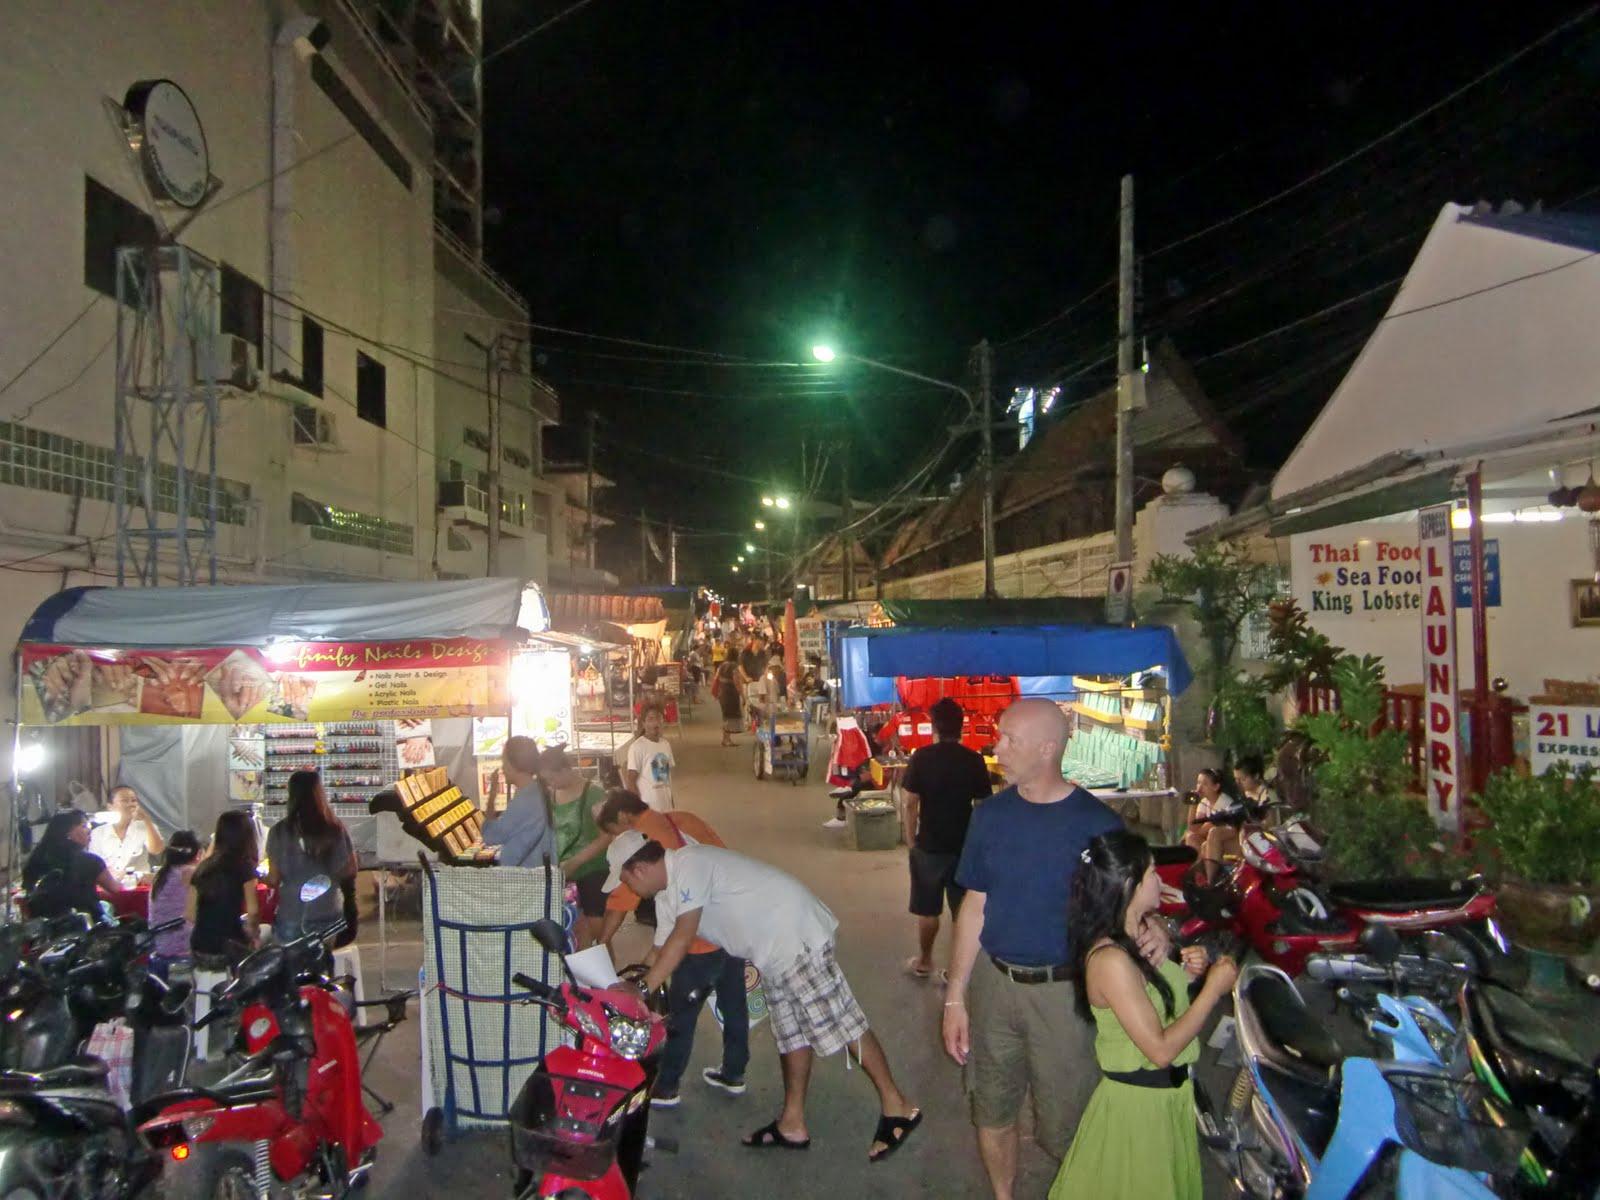 lettkledde vaksiner thailand pris